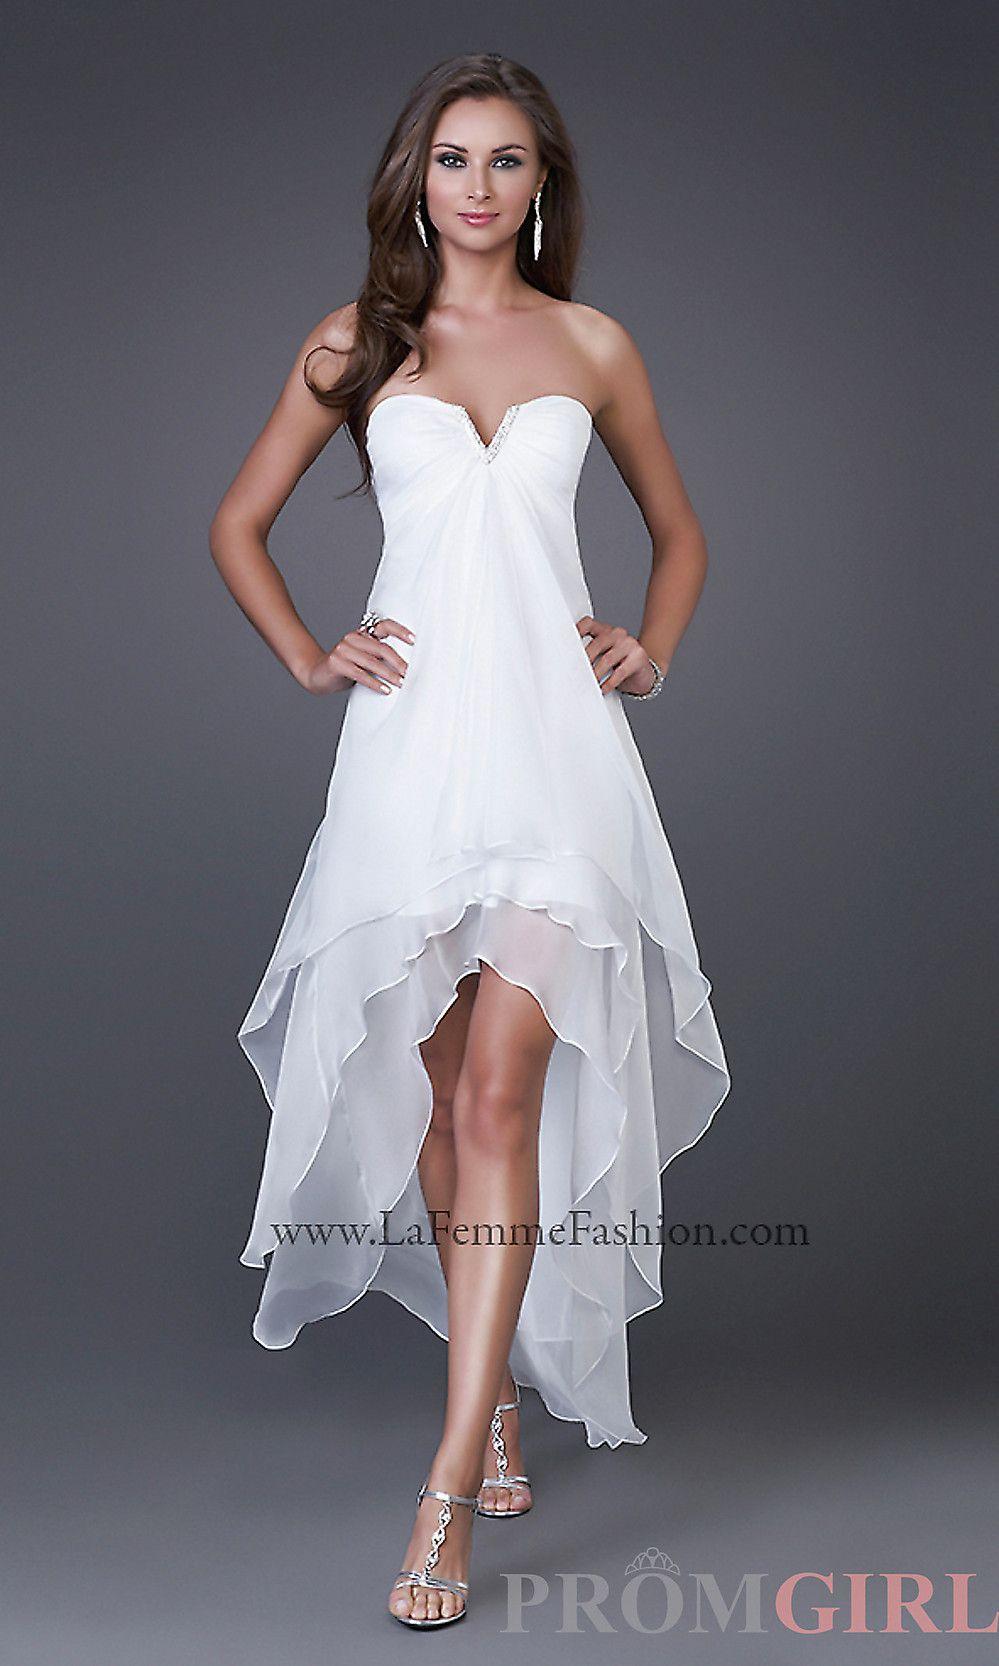 White dresses formal highlow prom dresses la femme dresses for